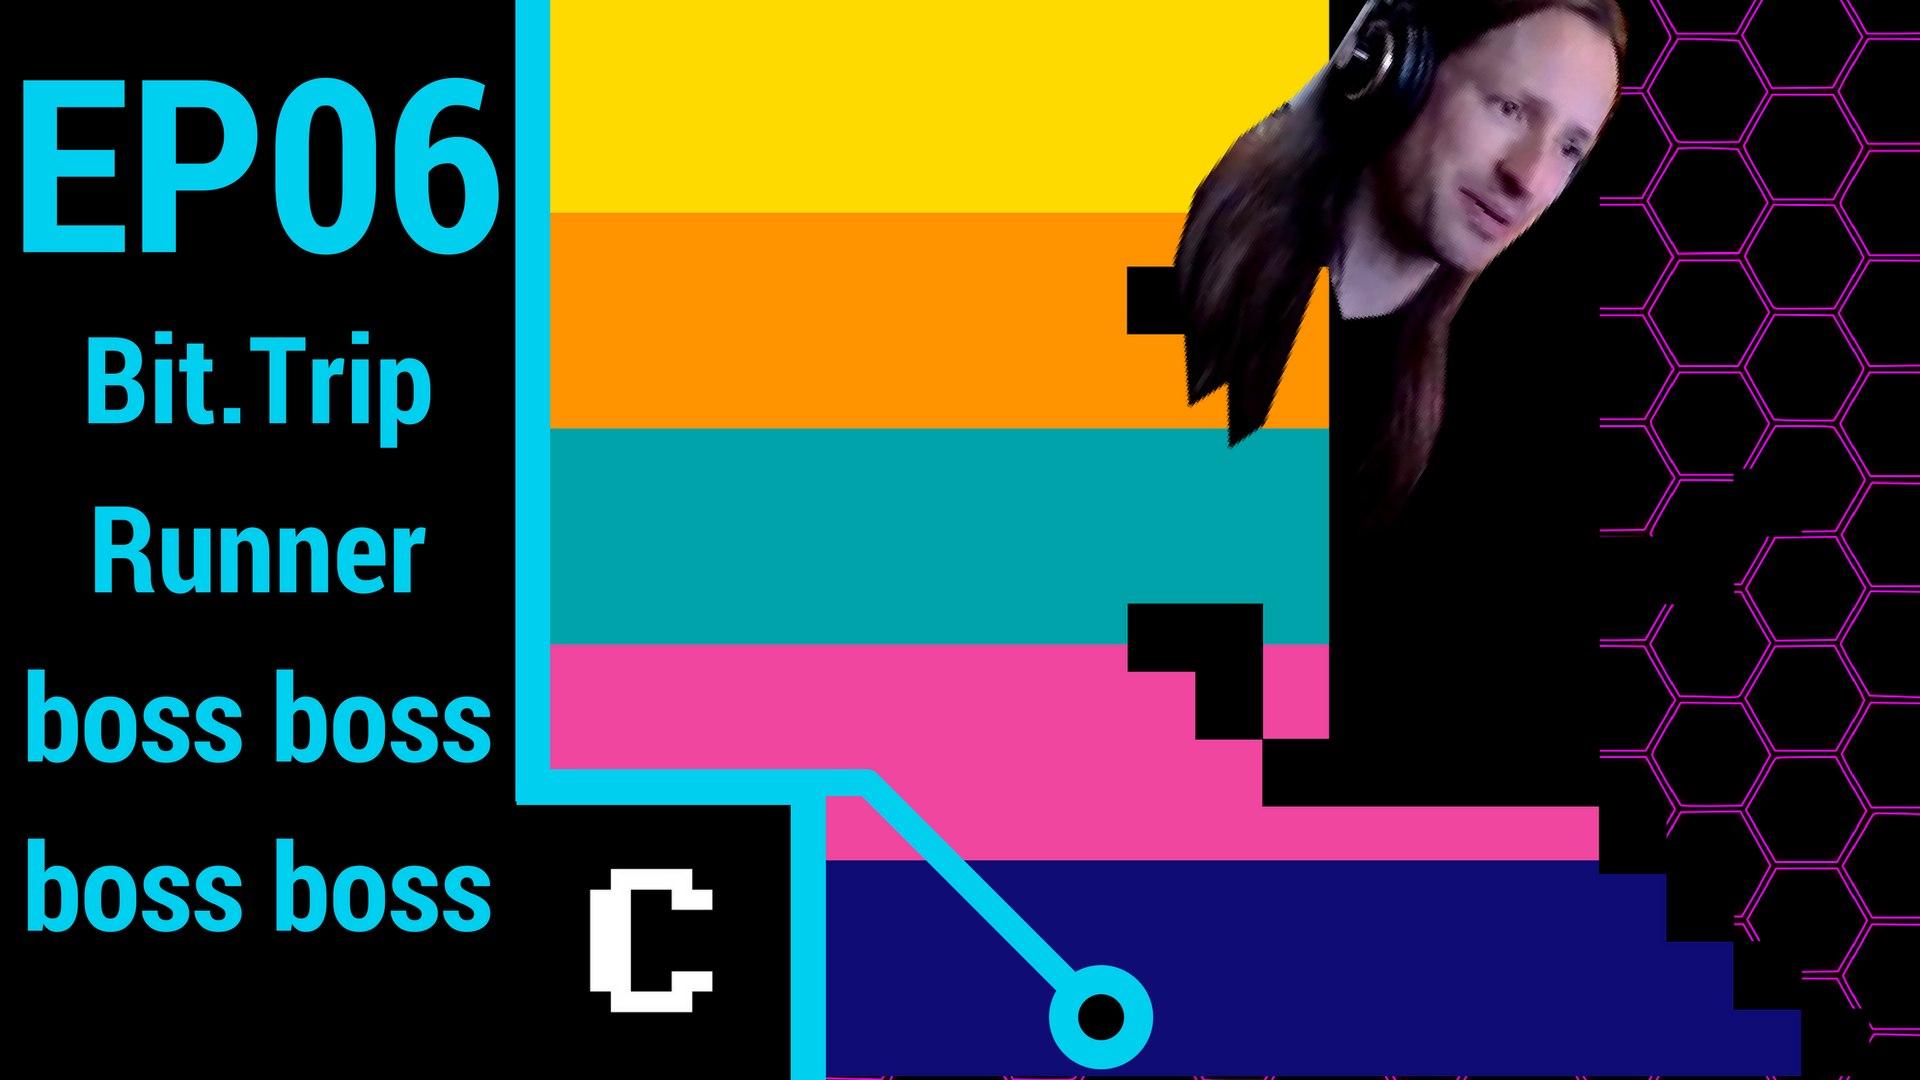 boss boss boss boss!!! - Bittrip Runner - Episode 6